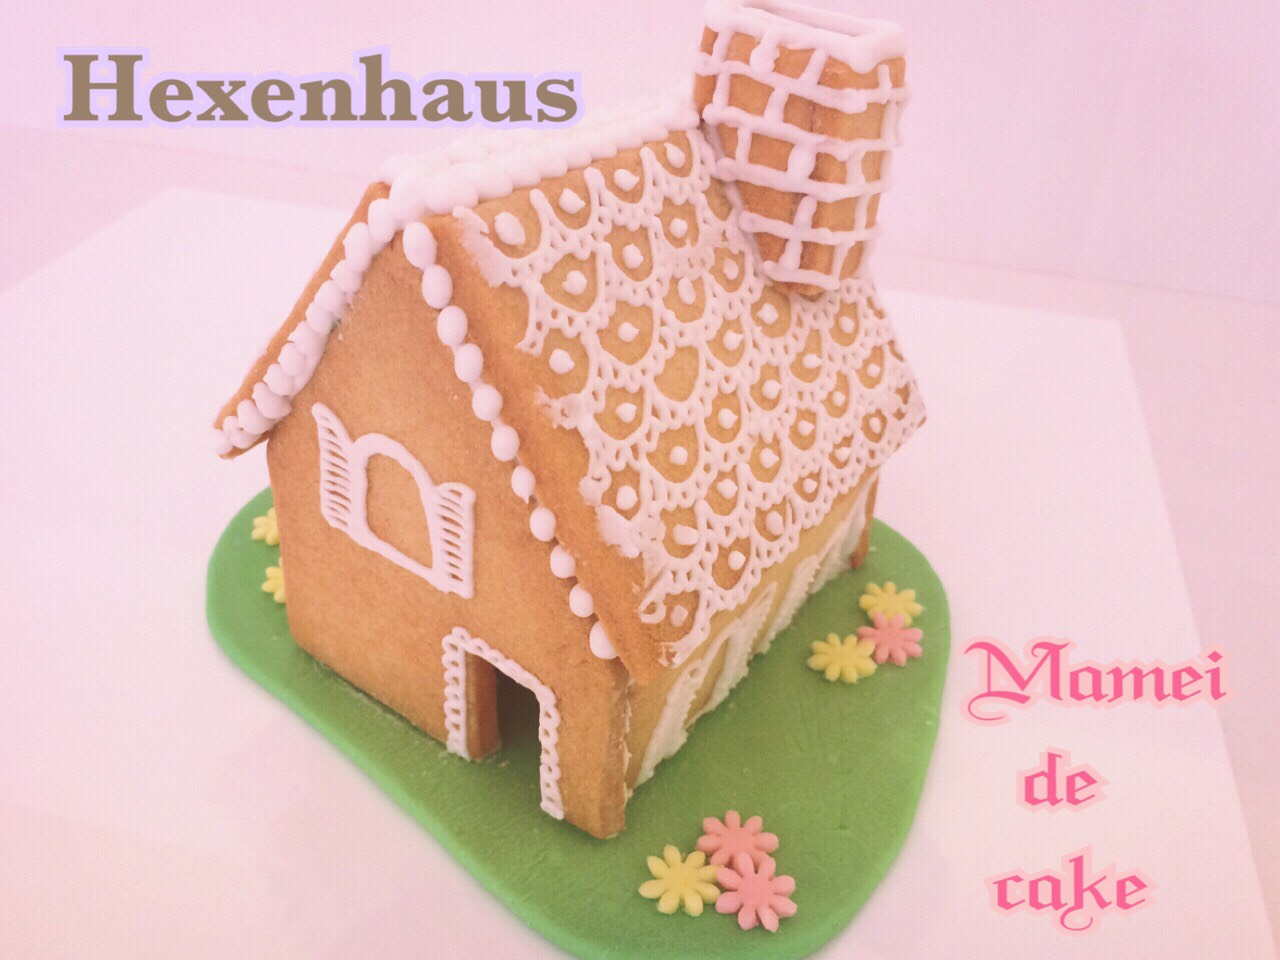 名古屋のヘクセンハウス・お菓子の家